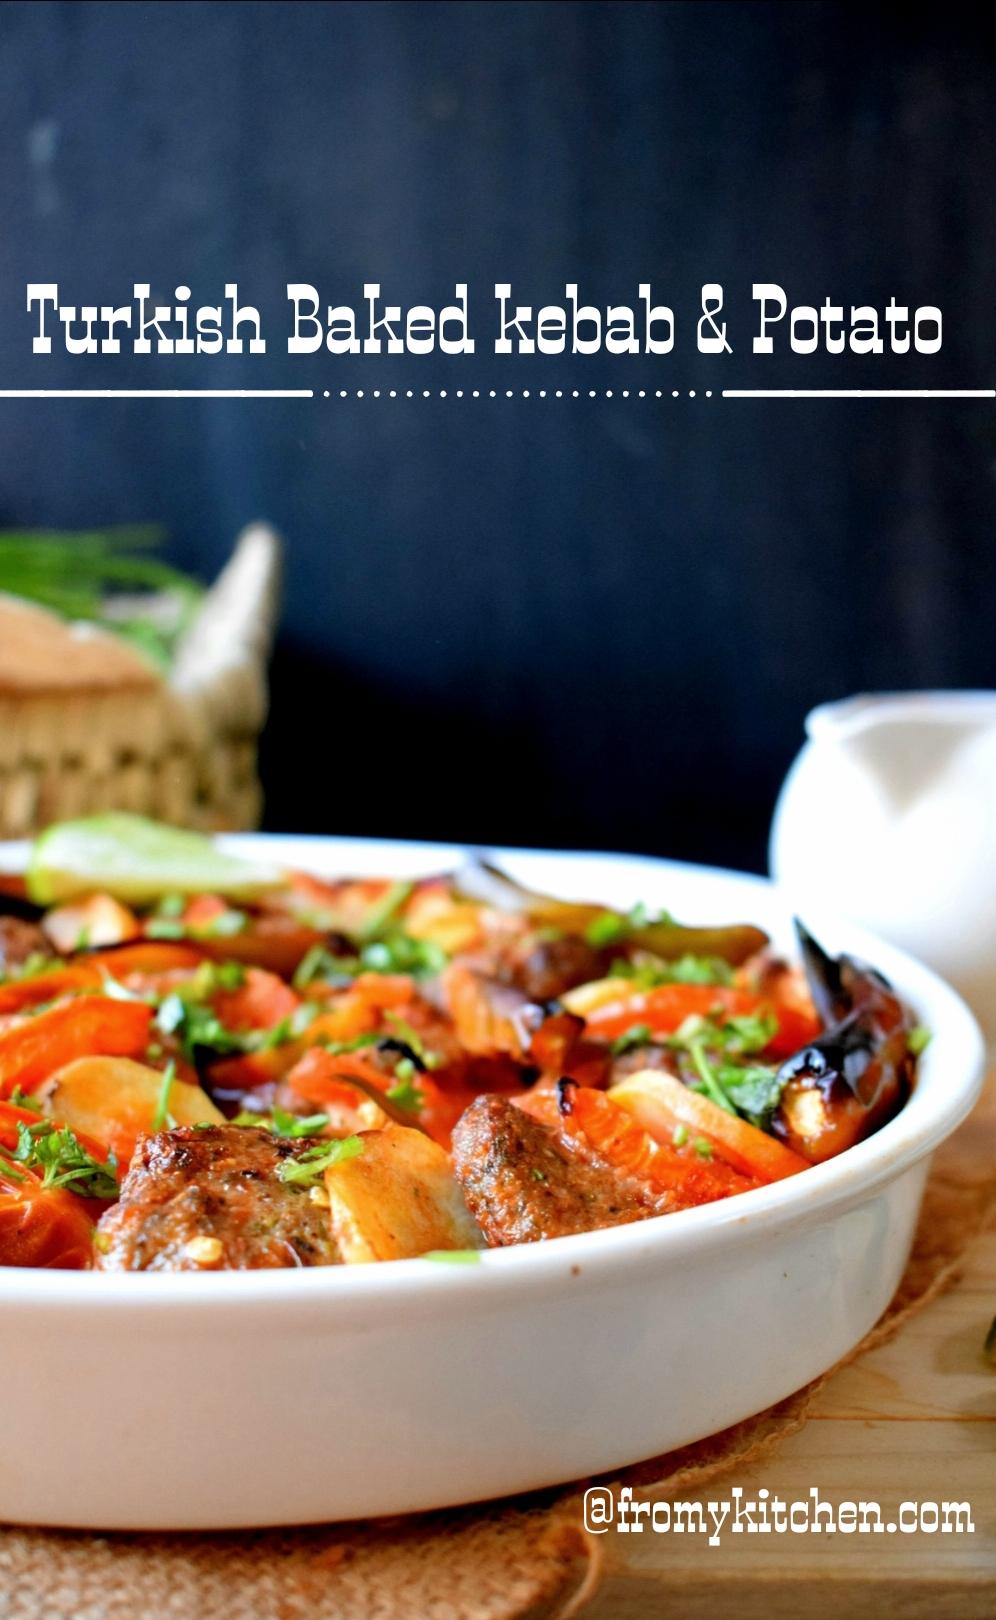 Turkish Baked Kebab & Potato in Tomato Sauce